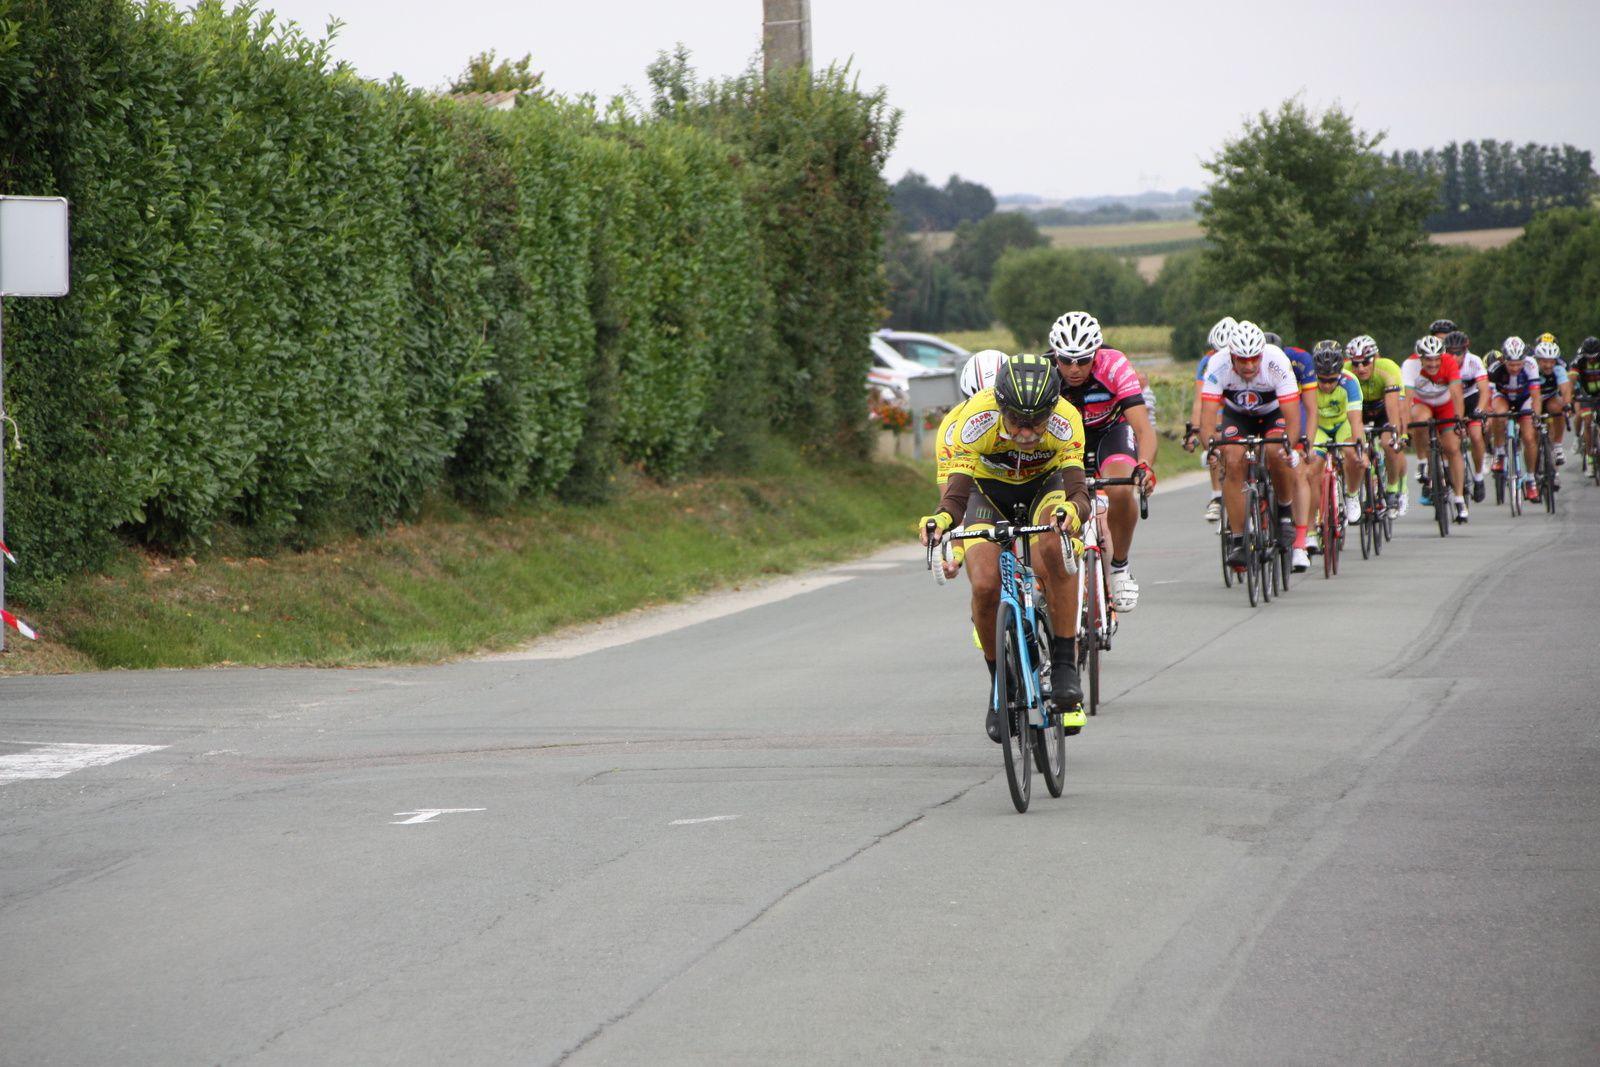 Regroupement , 2  coureurs  du  VC Le  Gua  emménent  le  peloton.